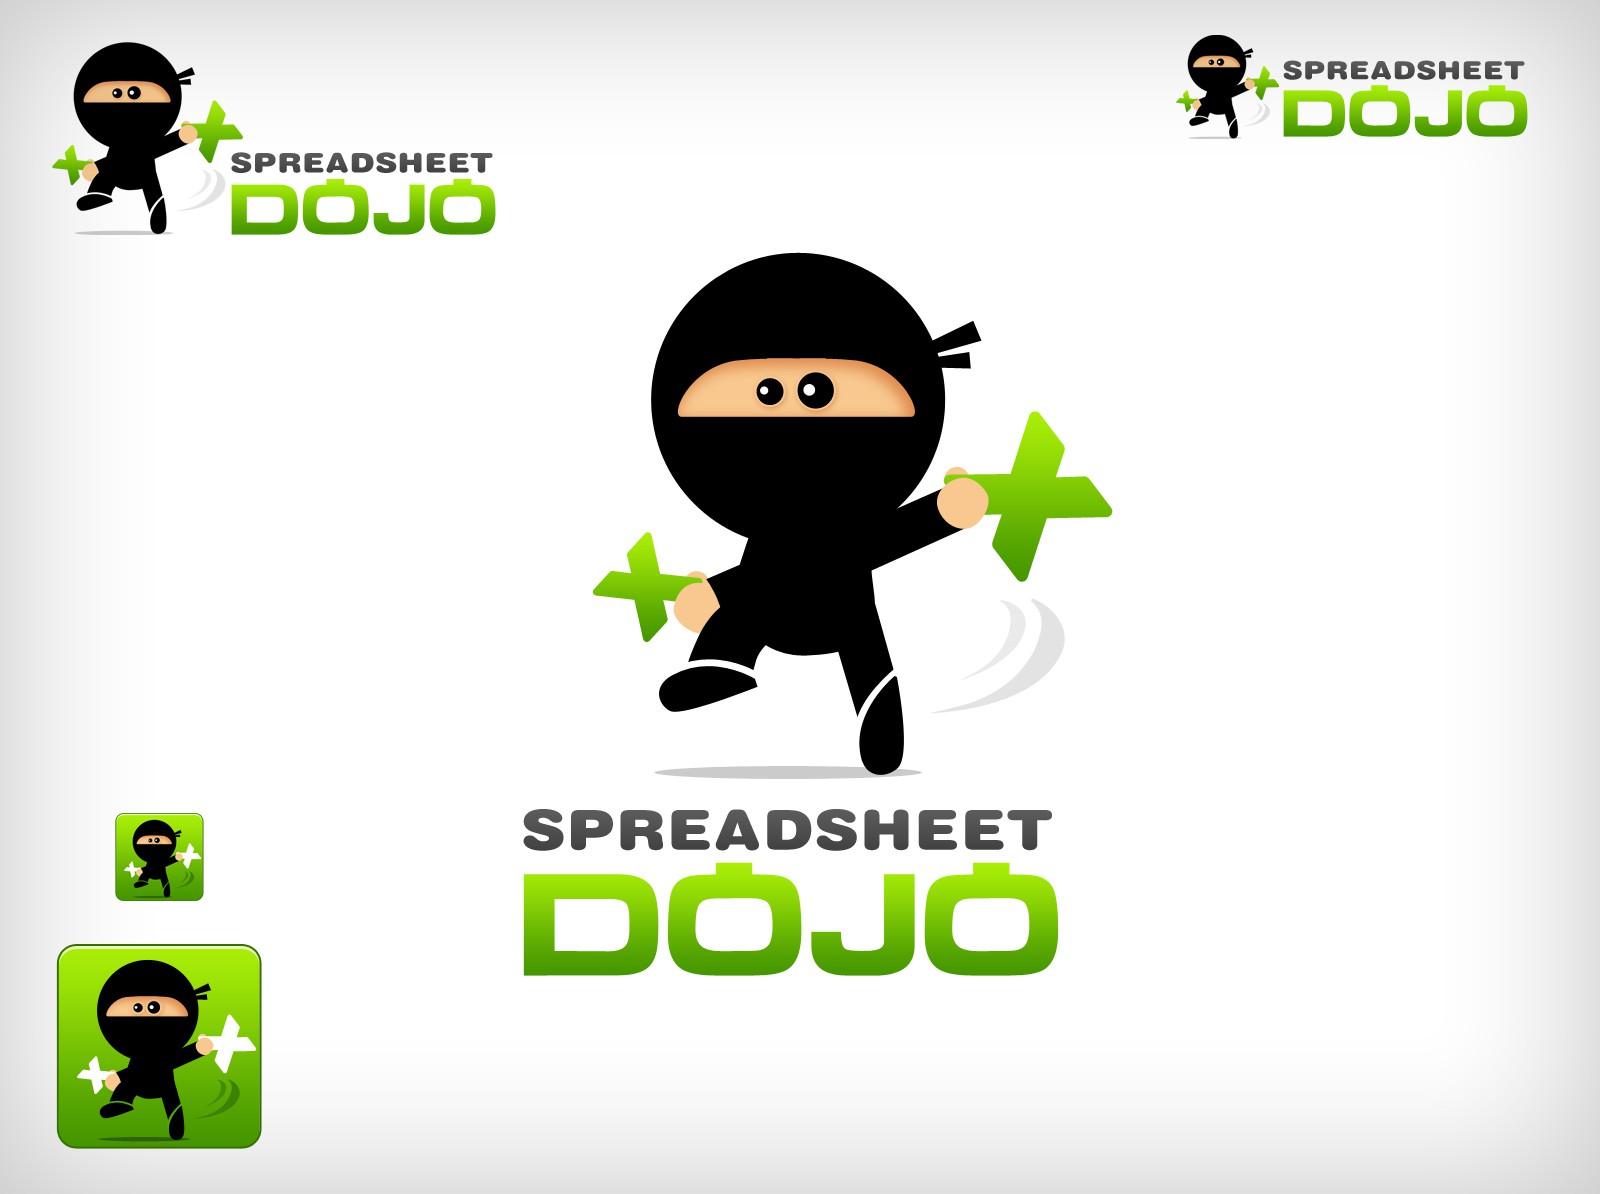 New logo wanted for Spreadsheet Dojo